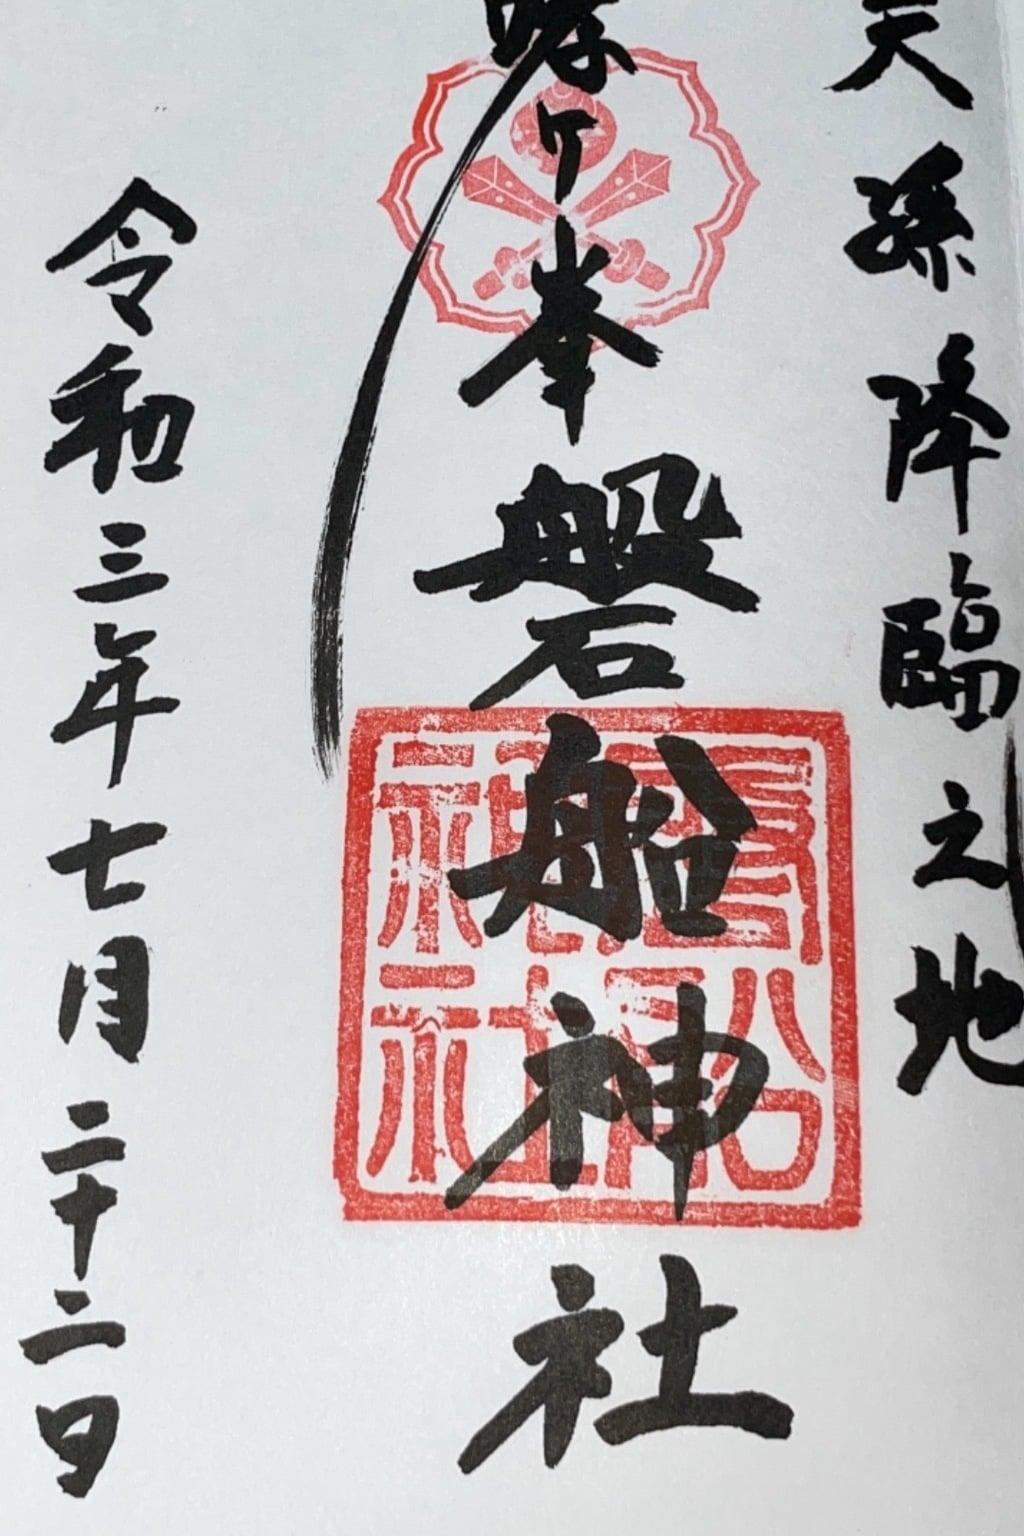 磐船神社の御朱印